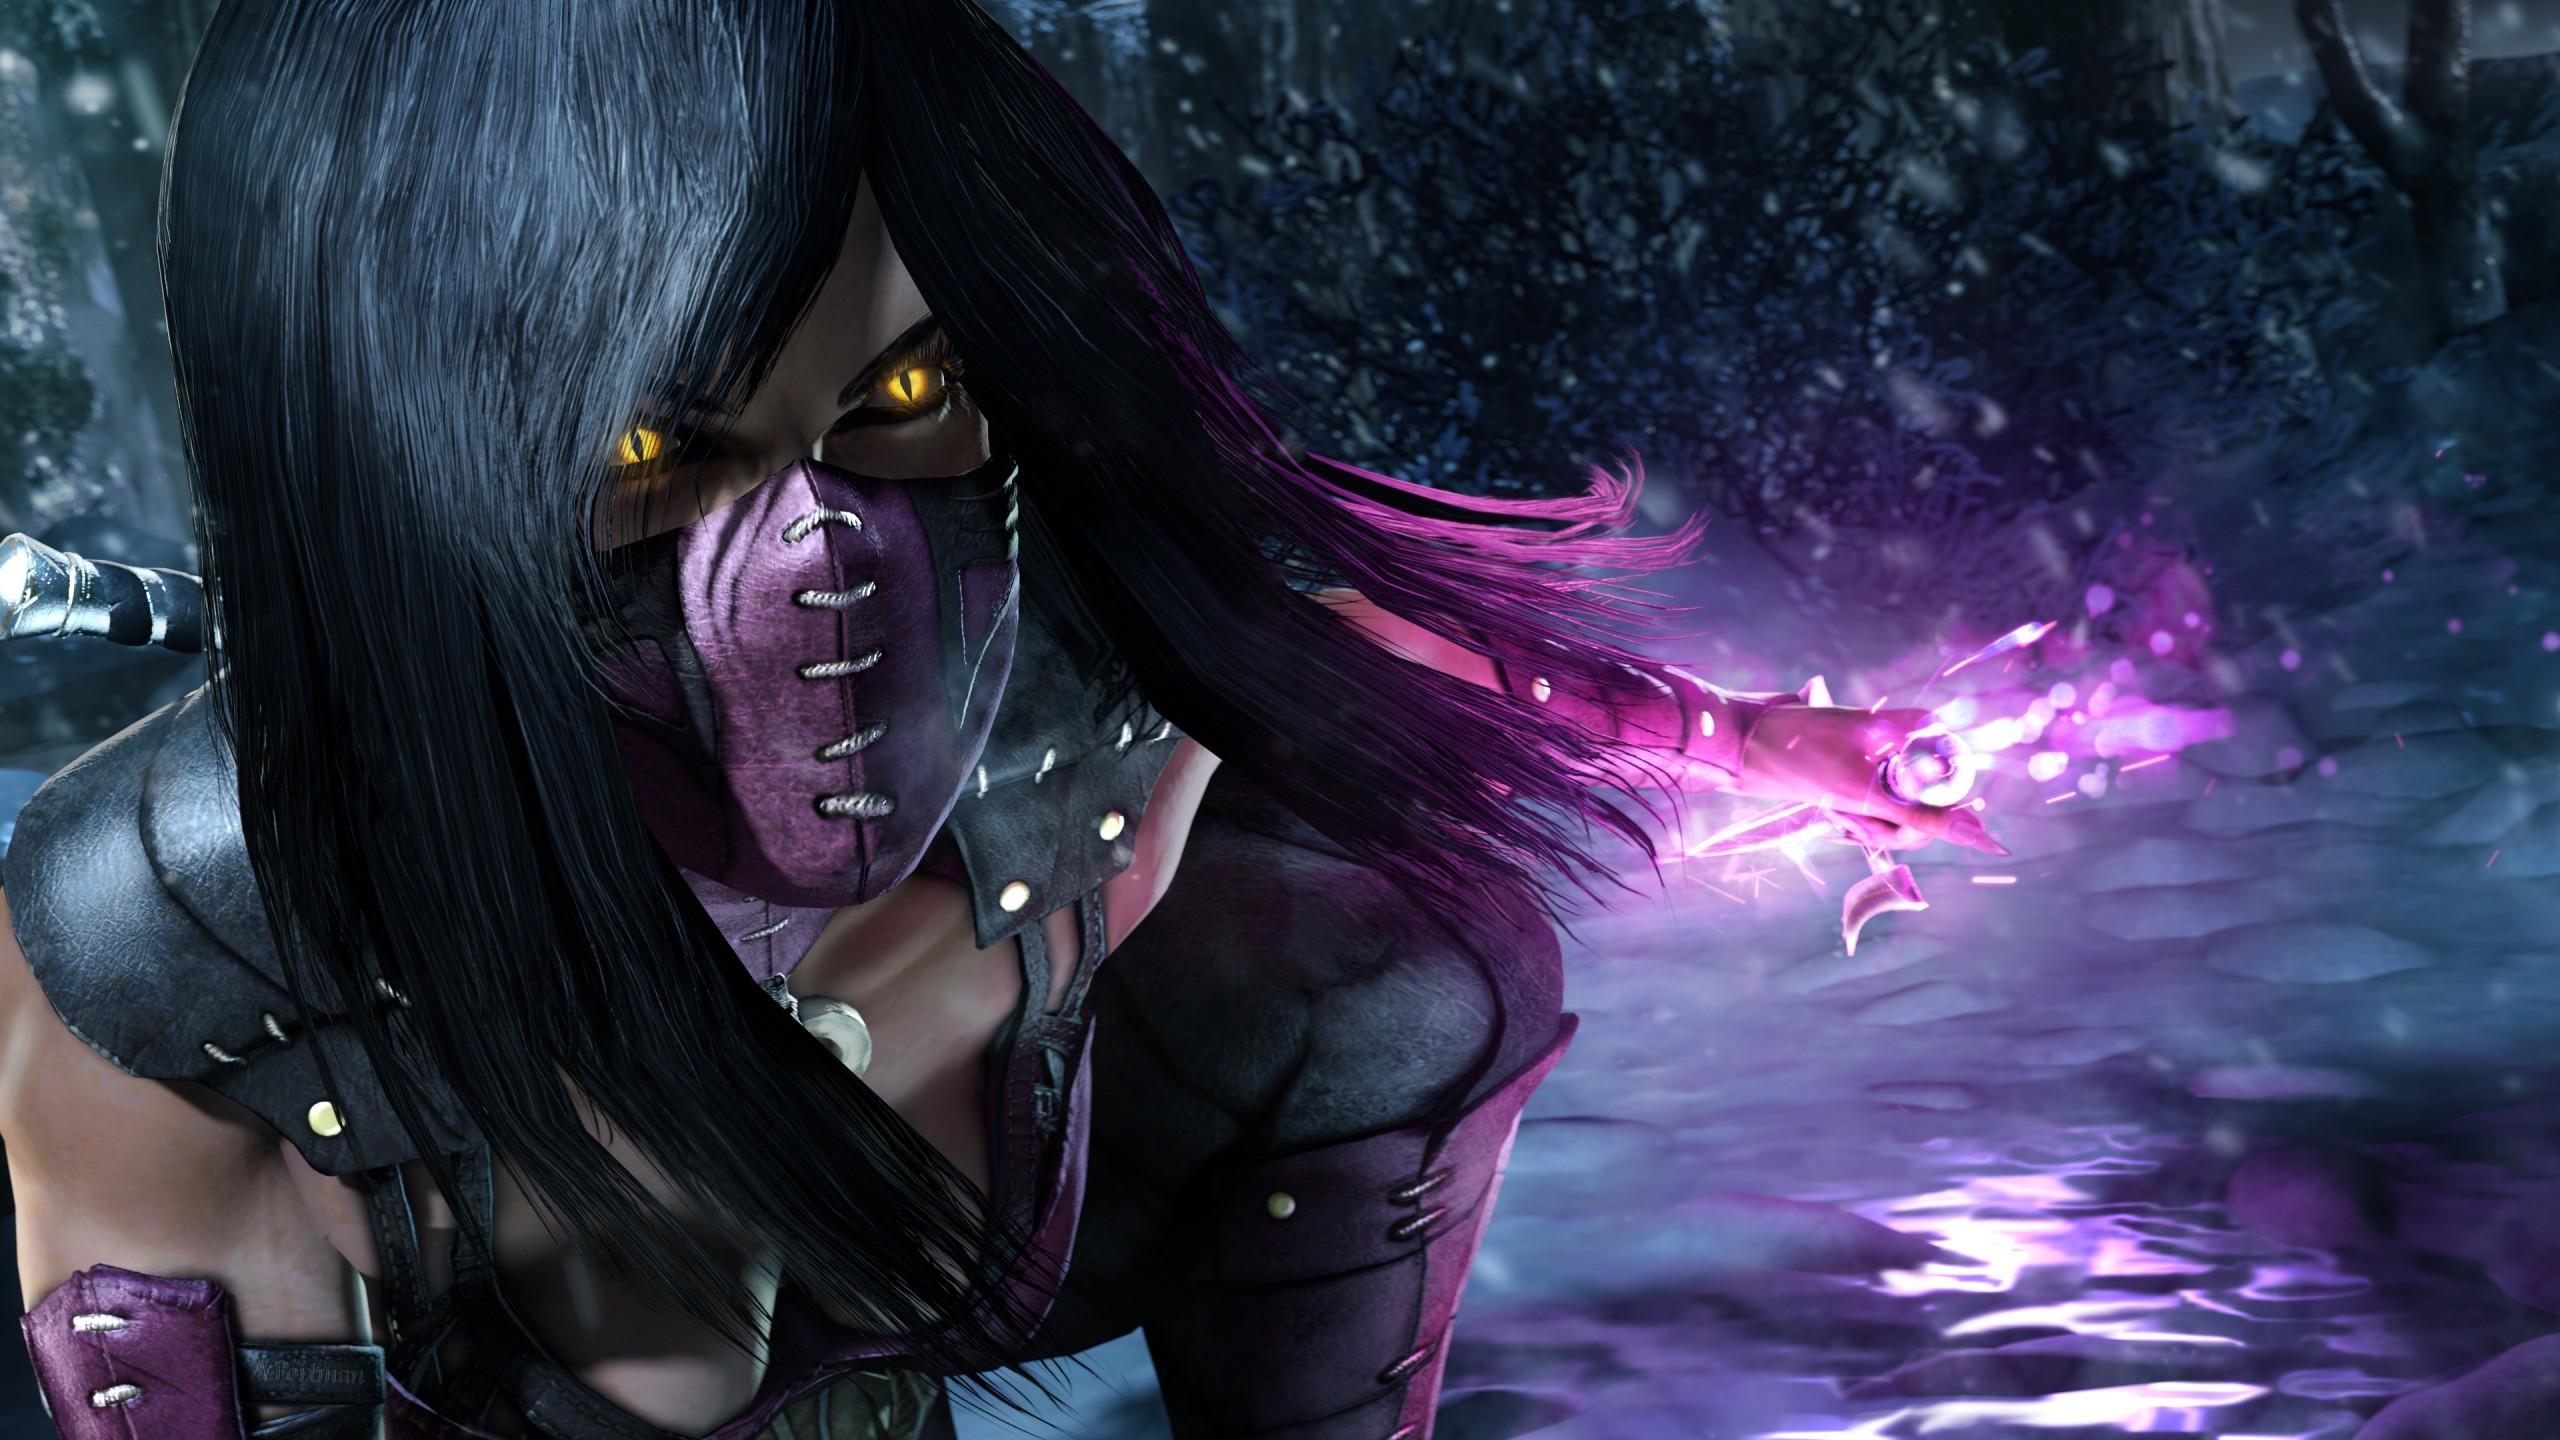 Tags: Mileena, Mortal Kombat X …